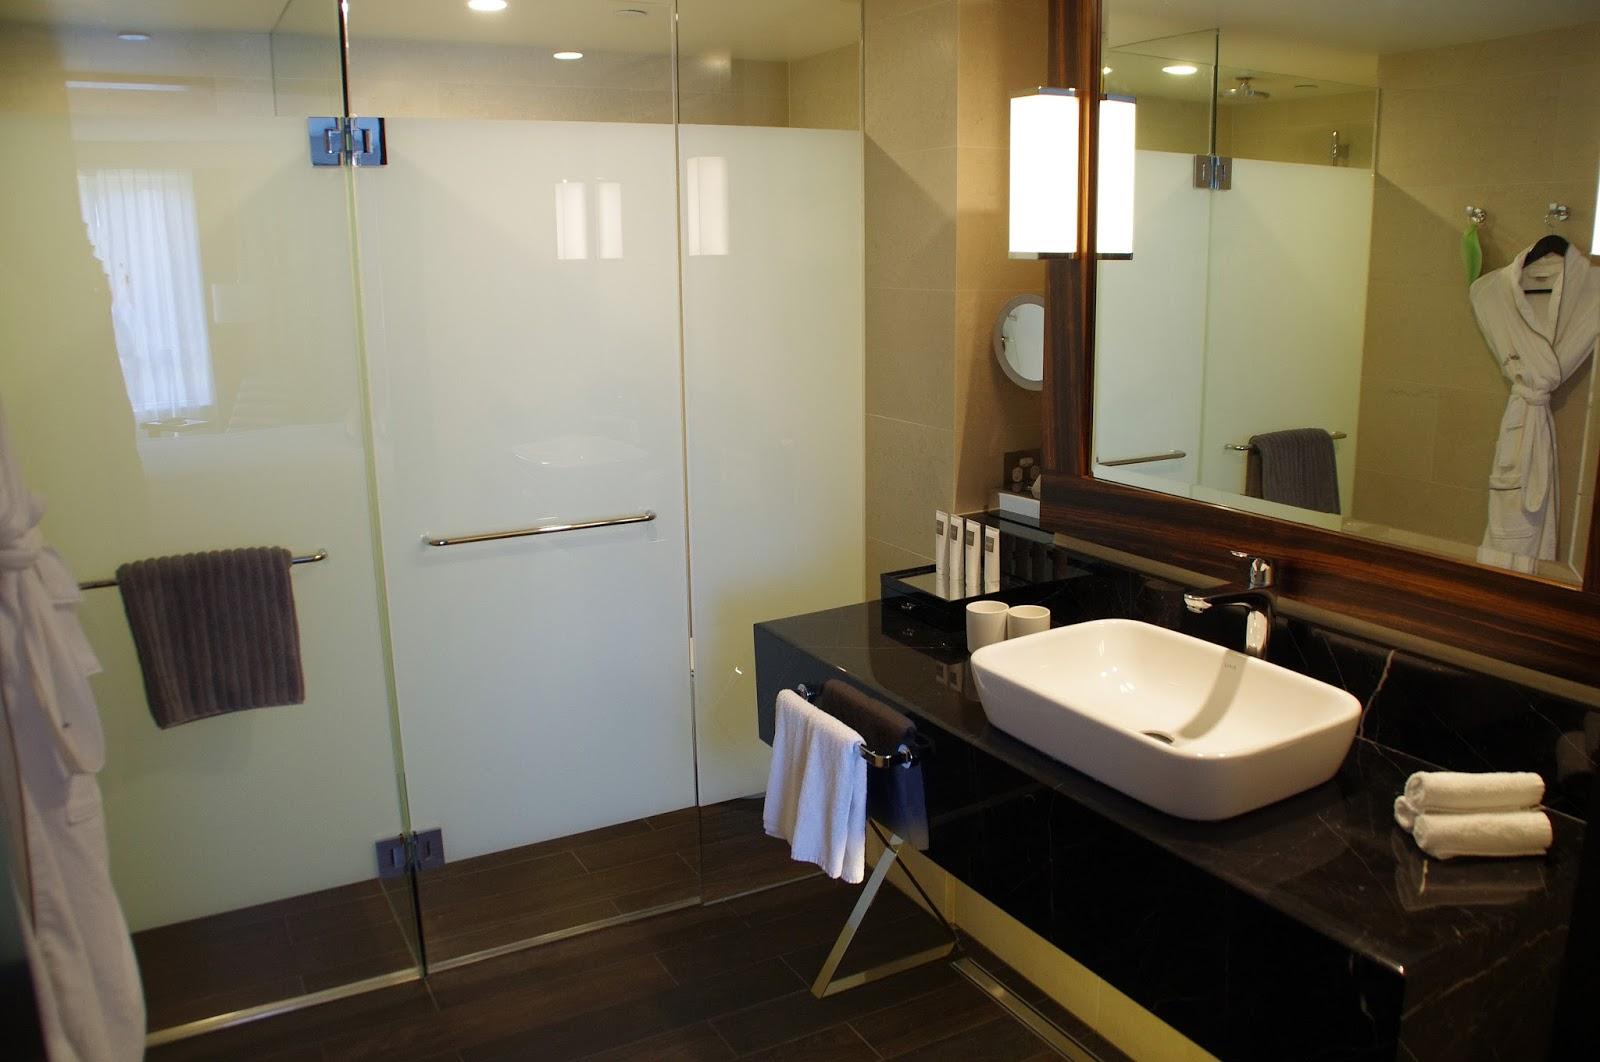 Bathroom at Swissotel in Sydney